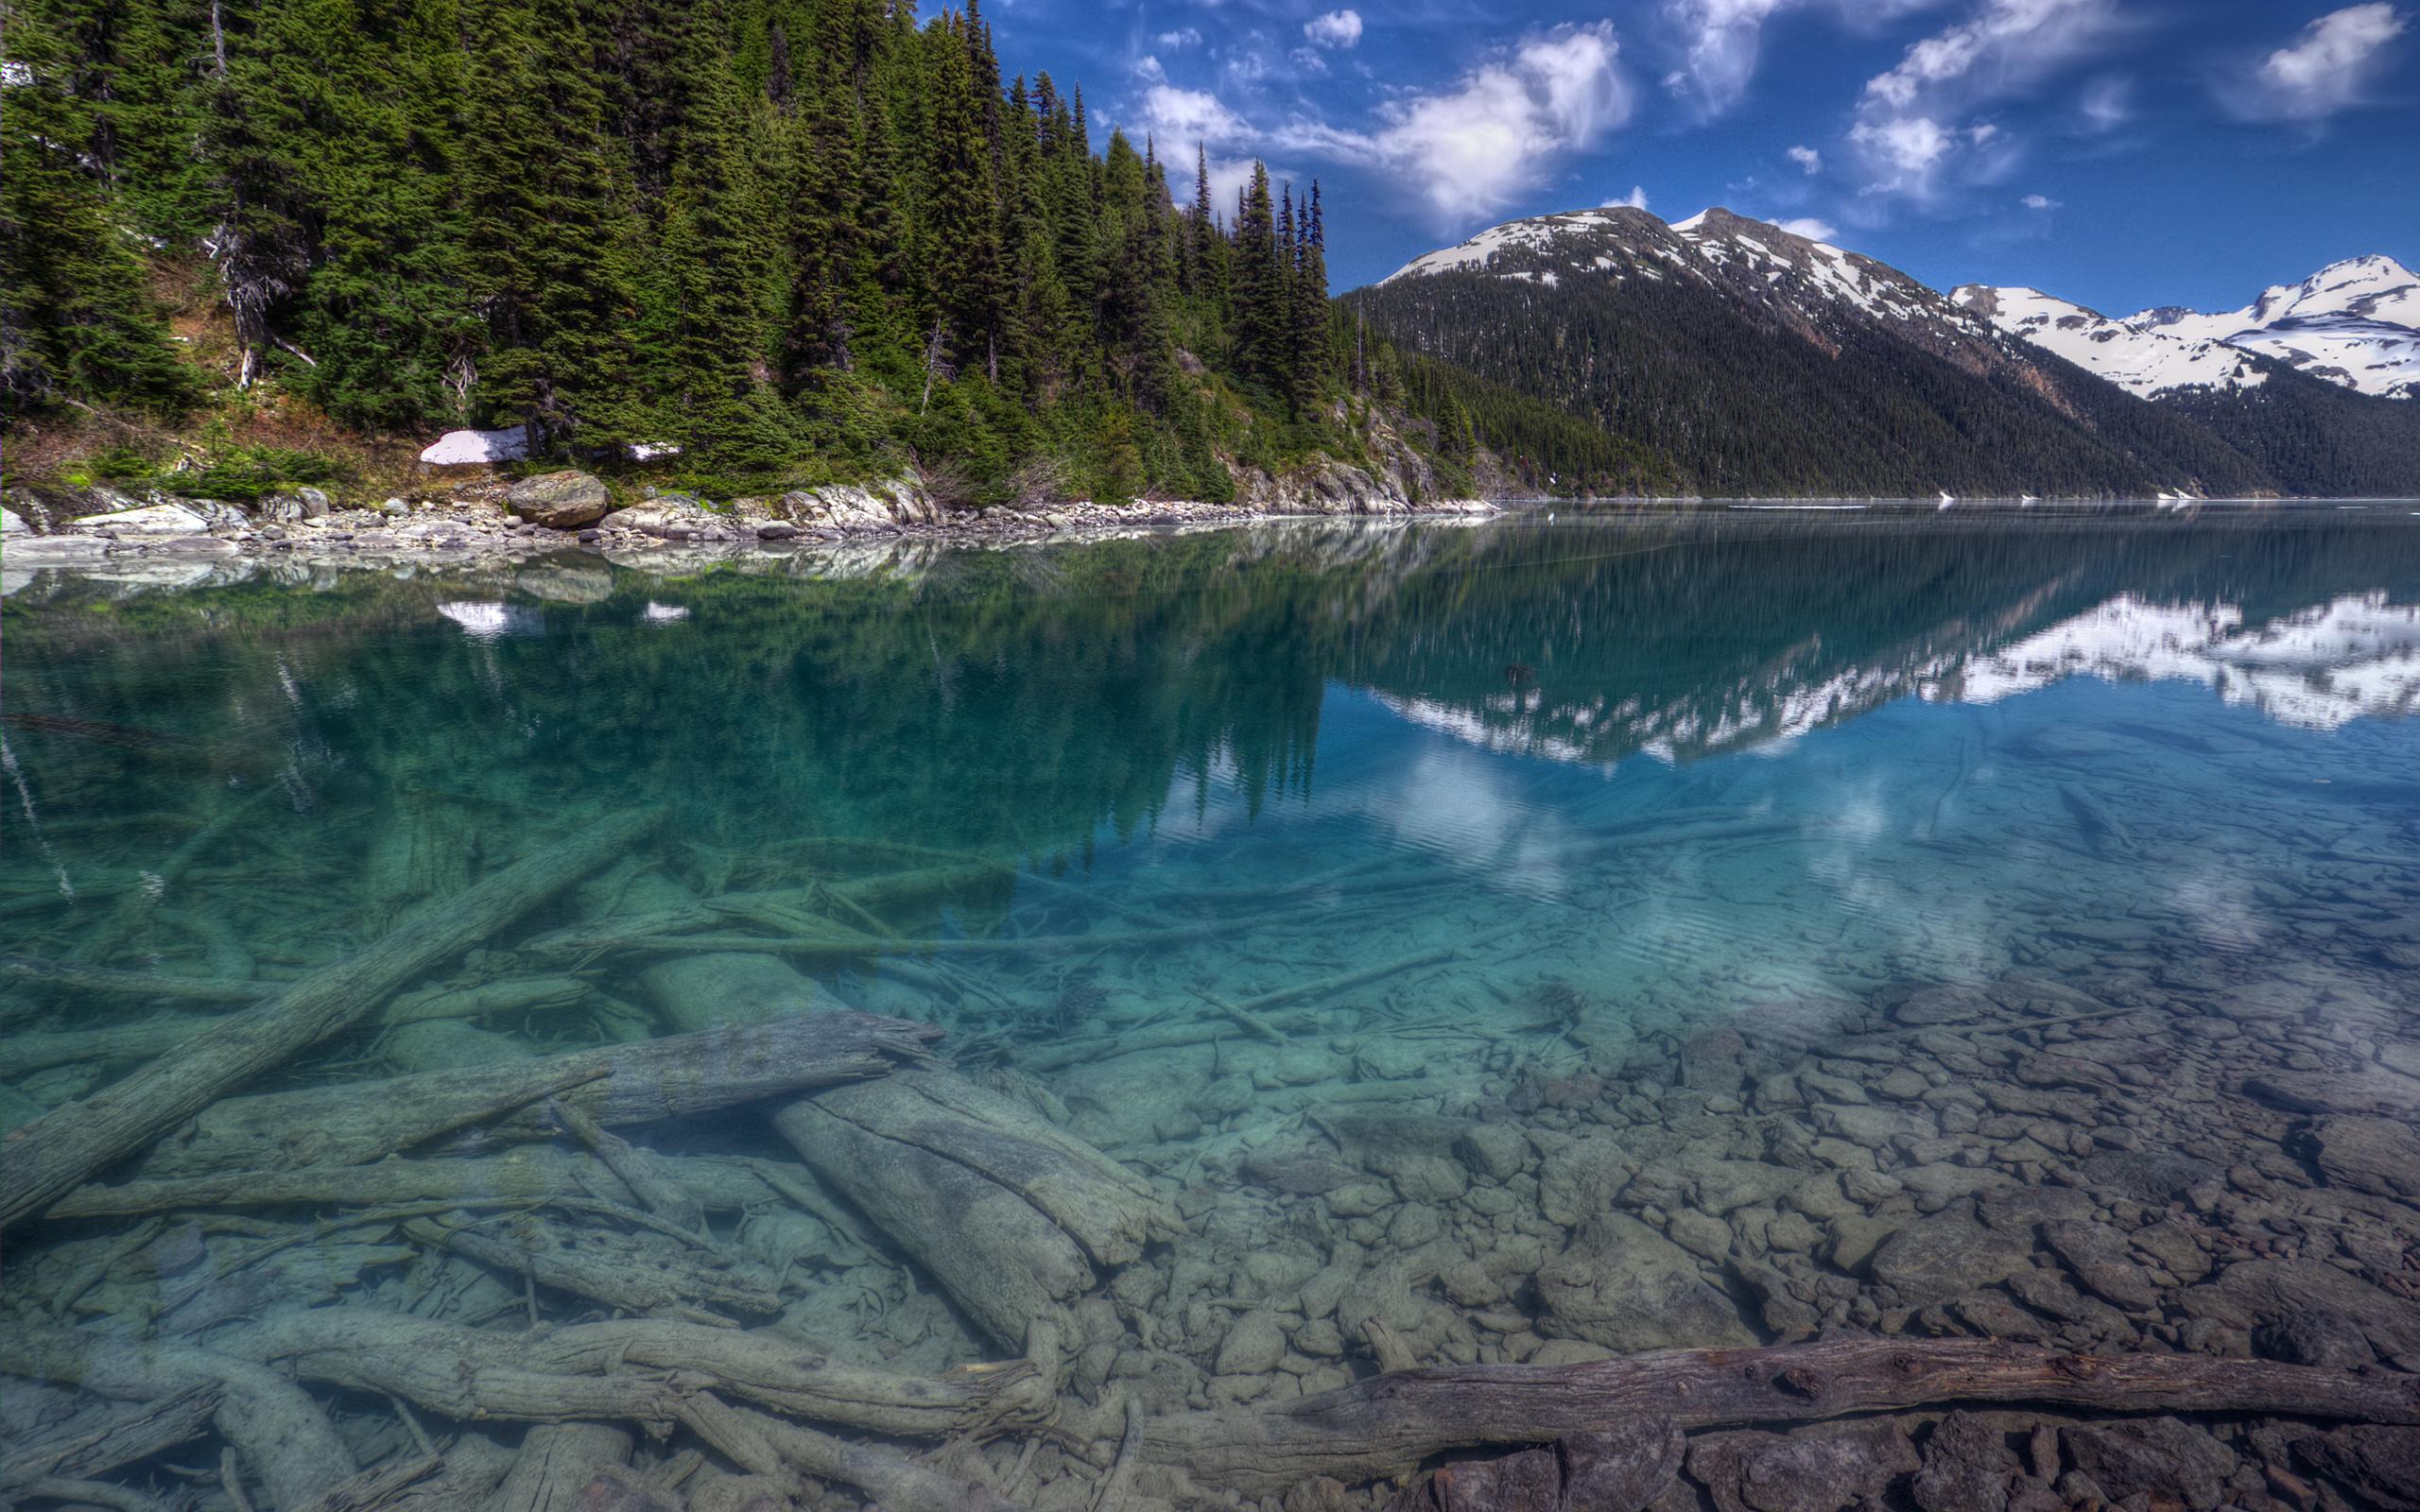 Голубое озеро в горах  № 2798938 бесплатно